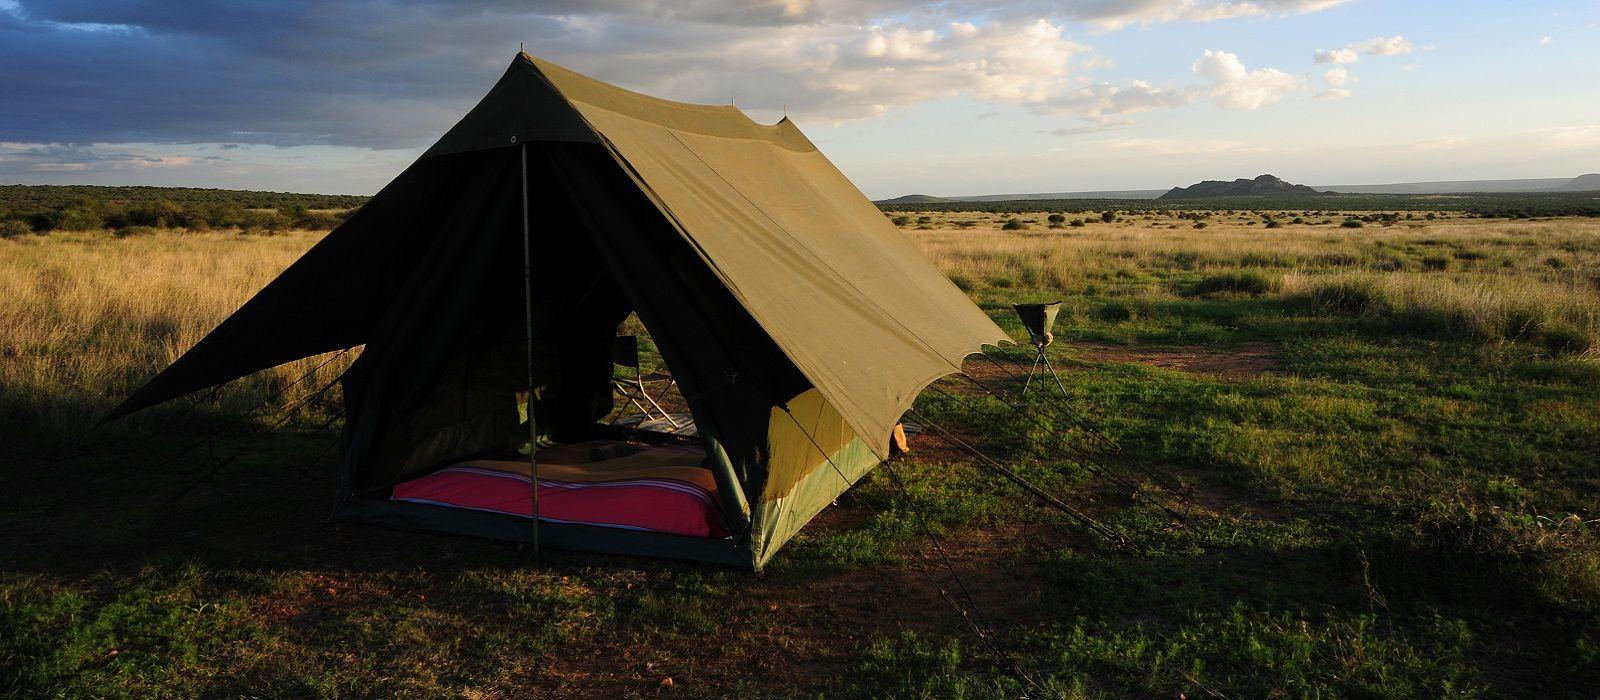 Hotel Karisia Classic Mobile Camp Kenya